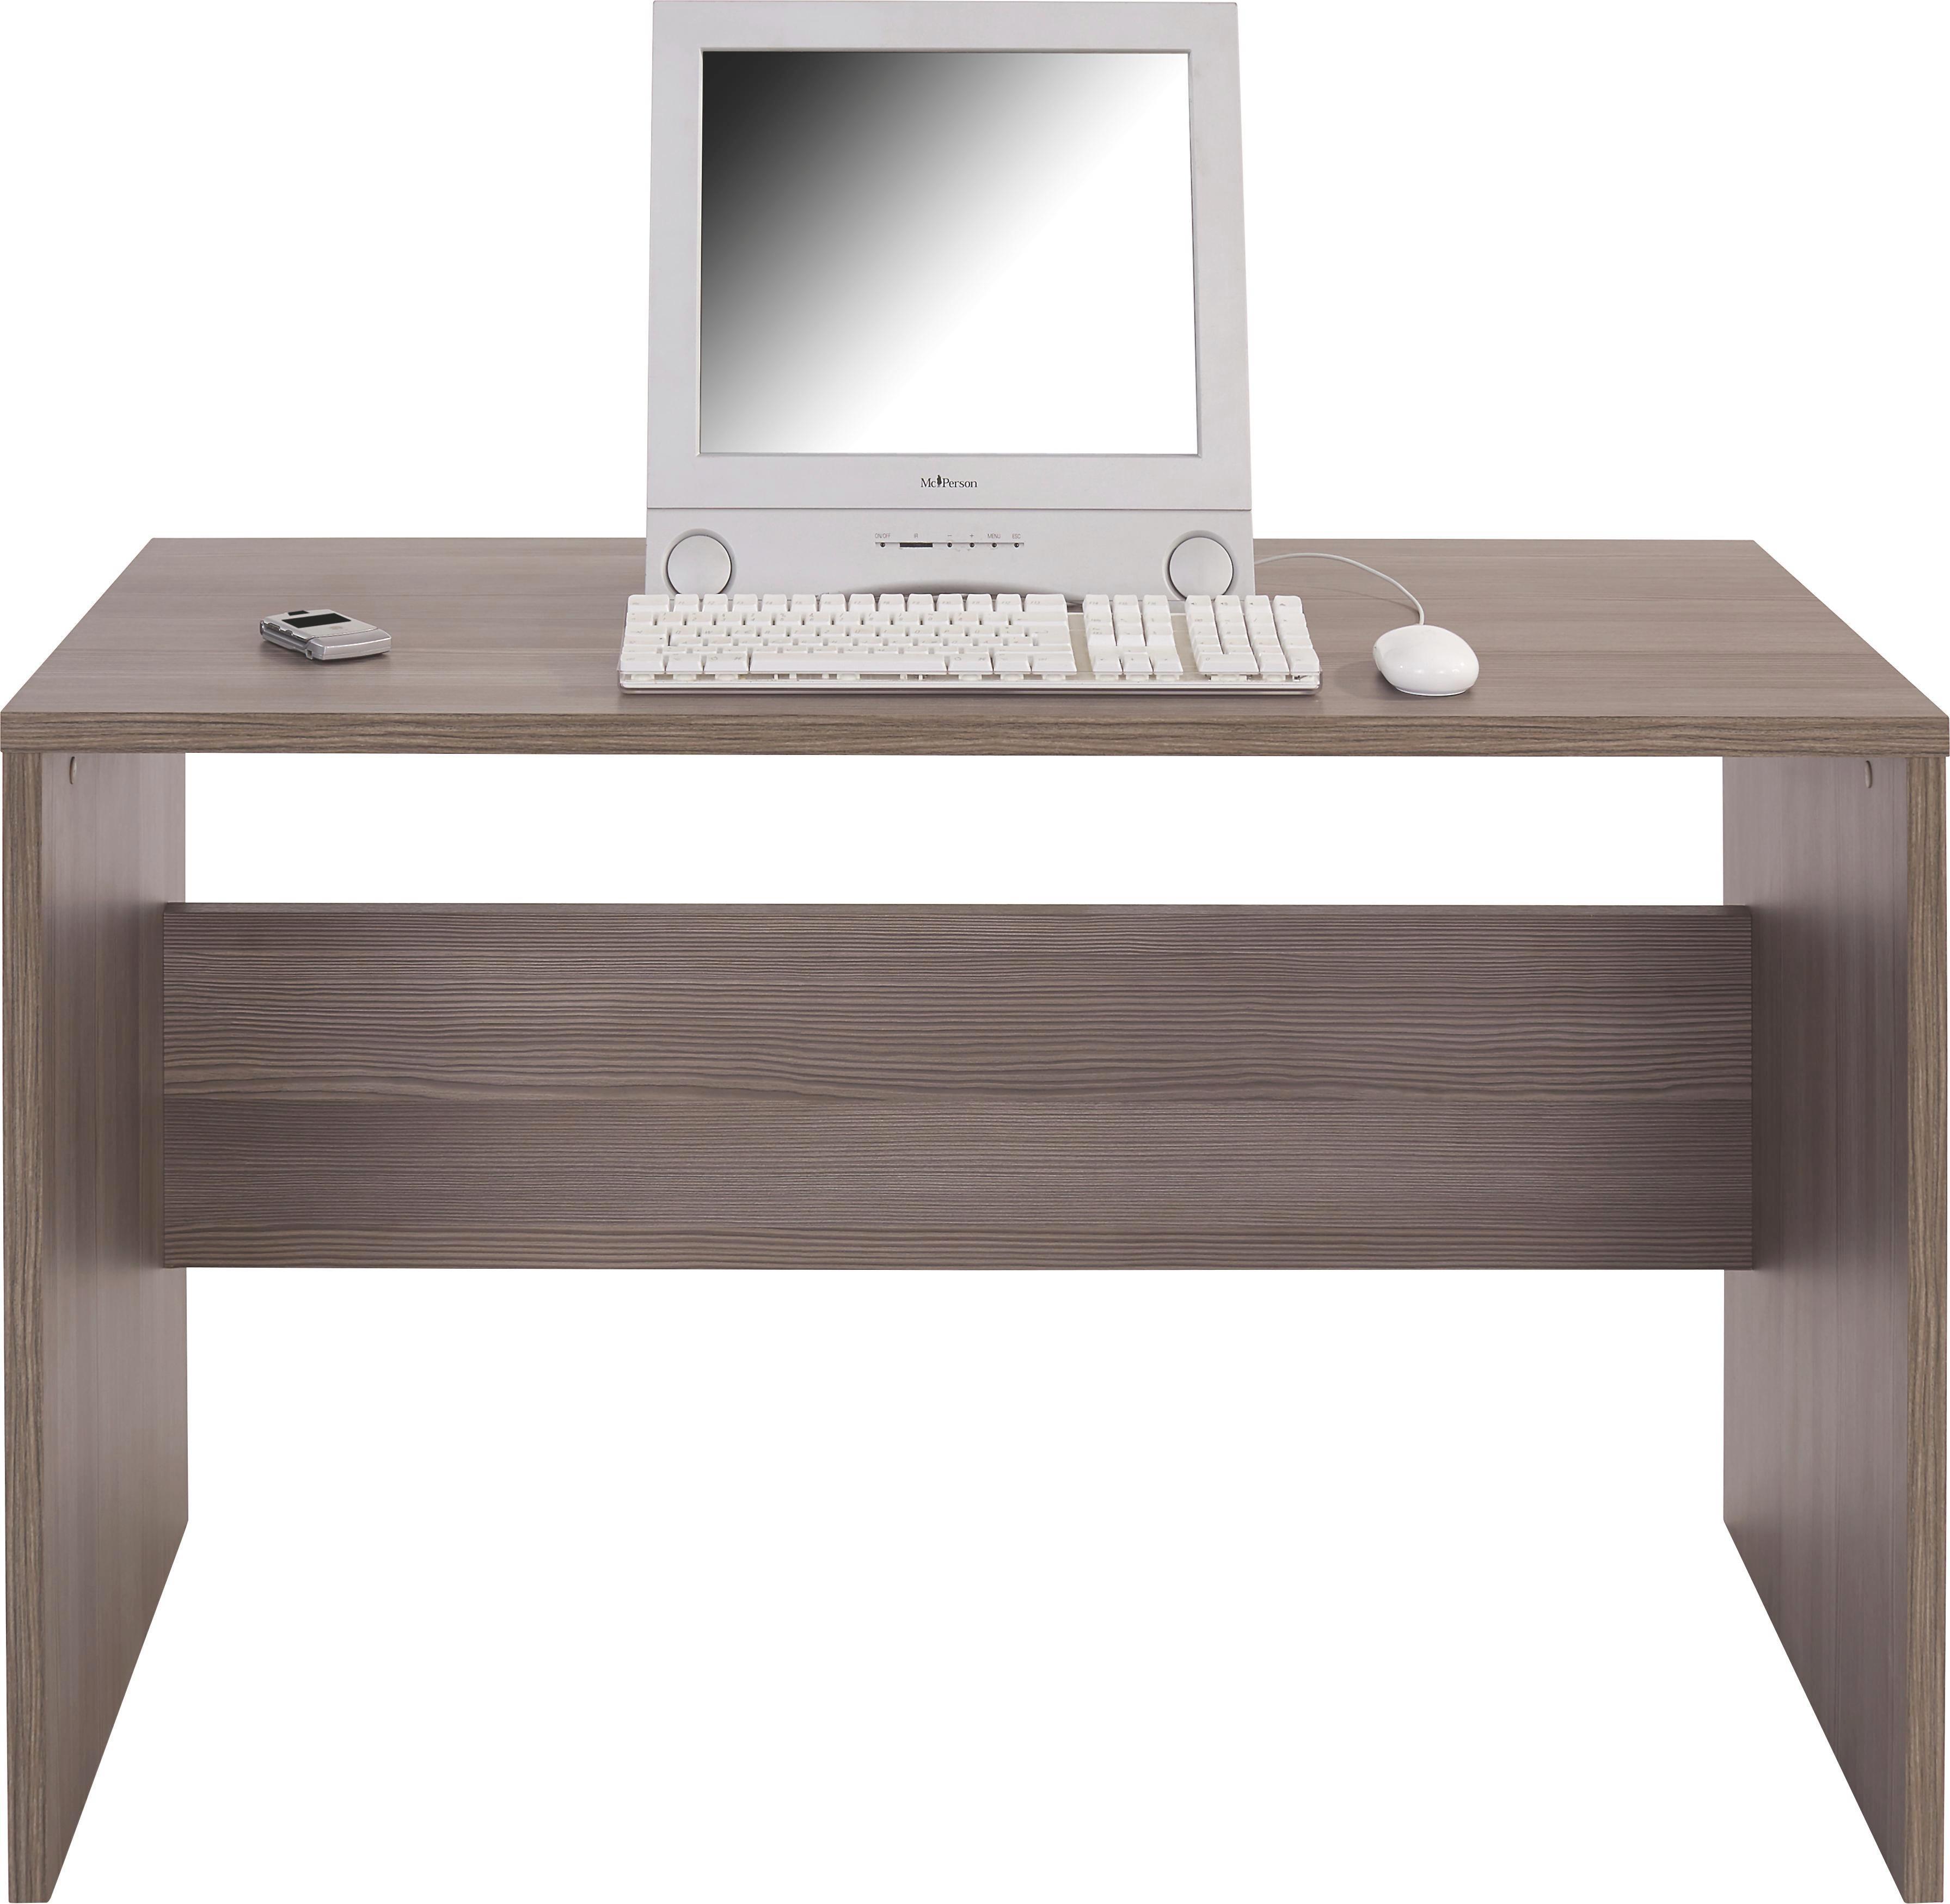 Schreibtisch holz modern  Schreibtisch Avensis online kaufen ➤ Möbelix